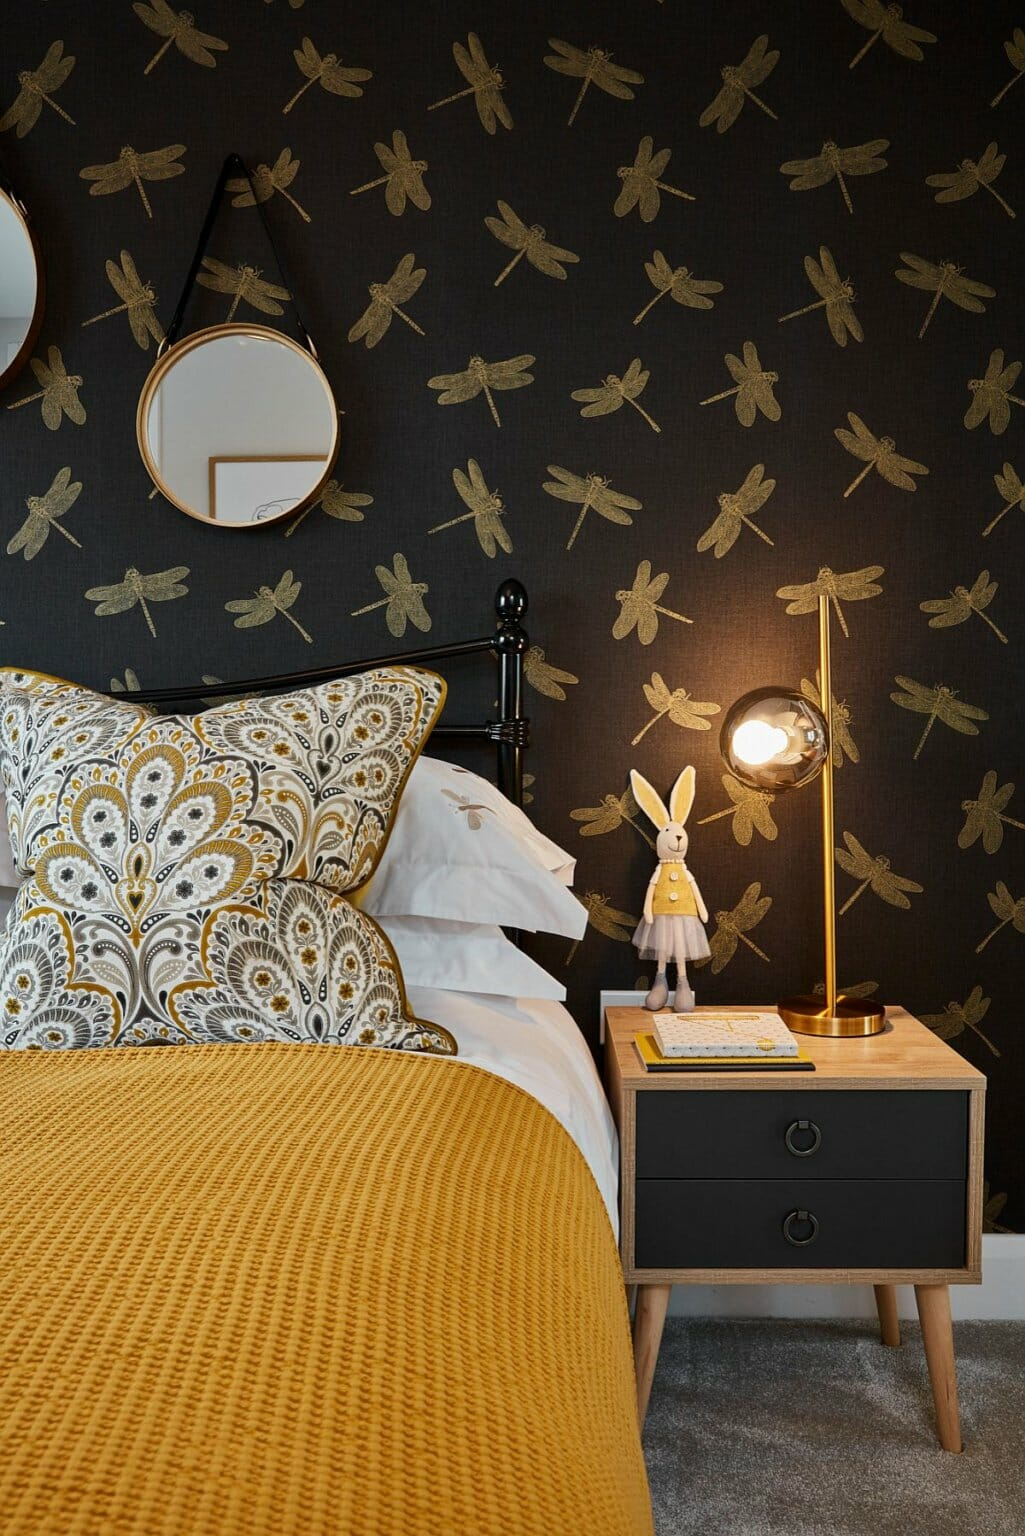 hình ảnh một góc phòng ngủ con gái với giấy dán tường nền đen, họa tiết chuồn chuồn, gối hoa, chăn vàng